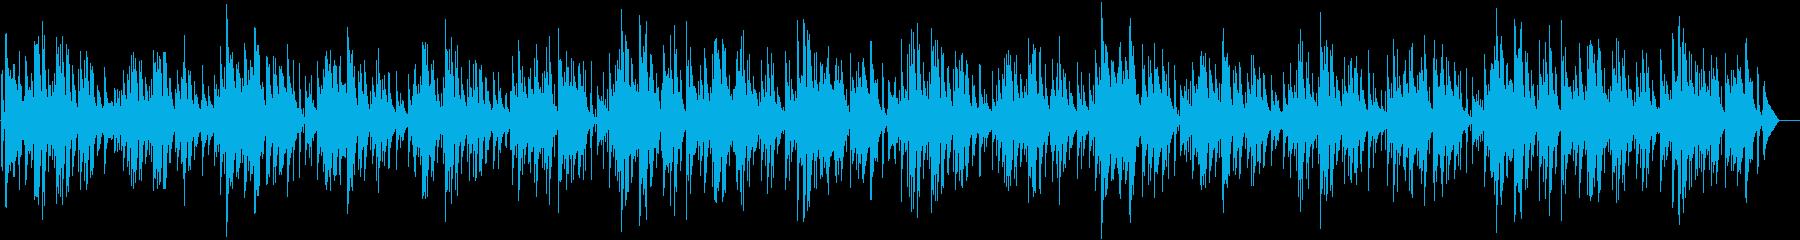 映像に合わせやすい可愛く軽快なピアノの再生済みの波形